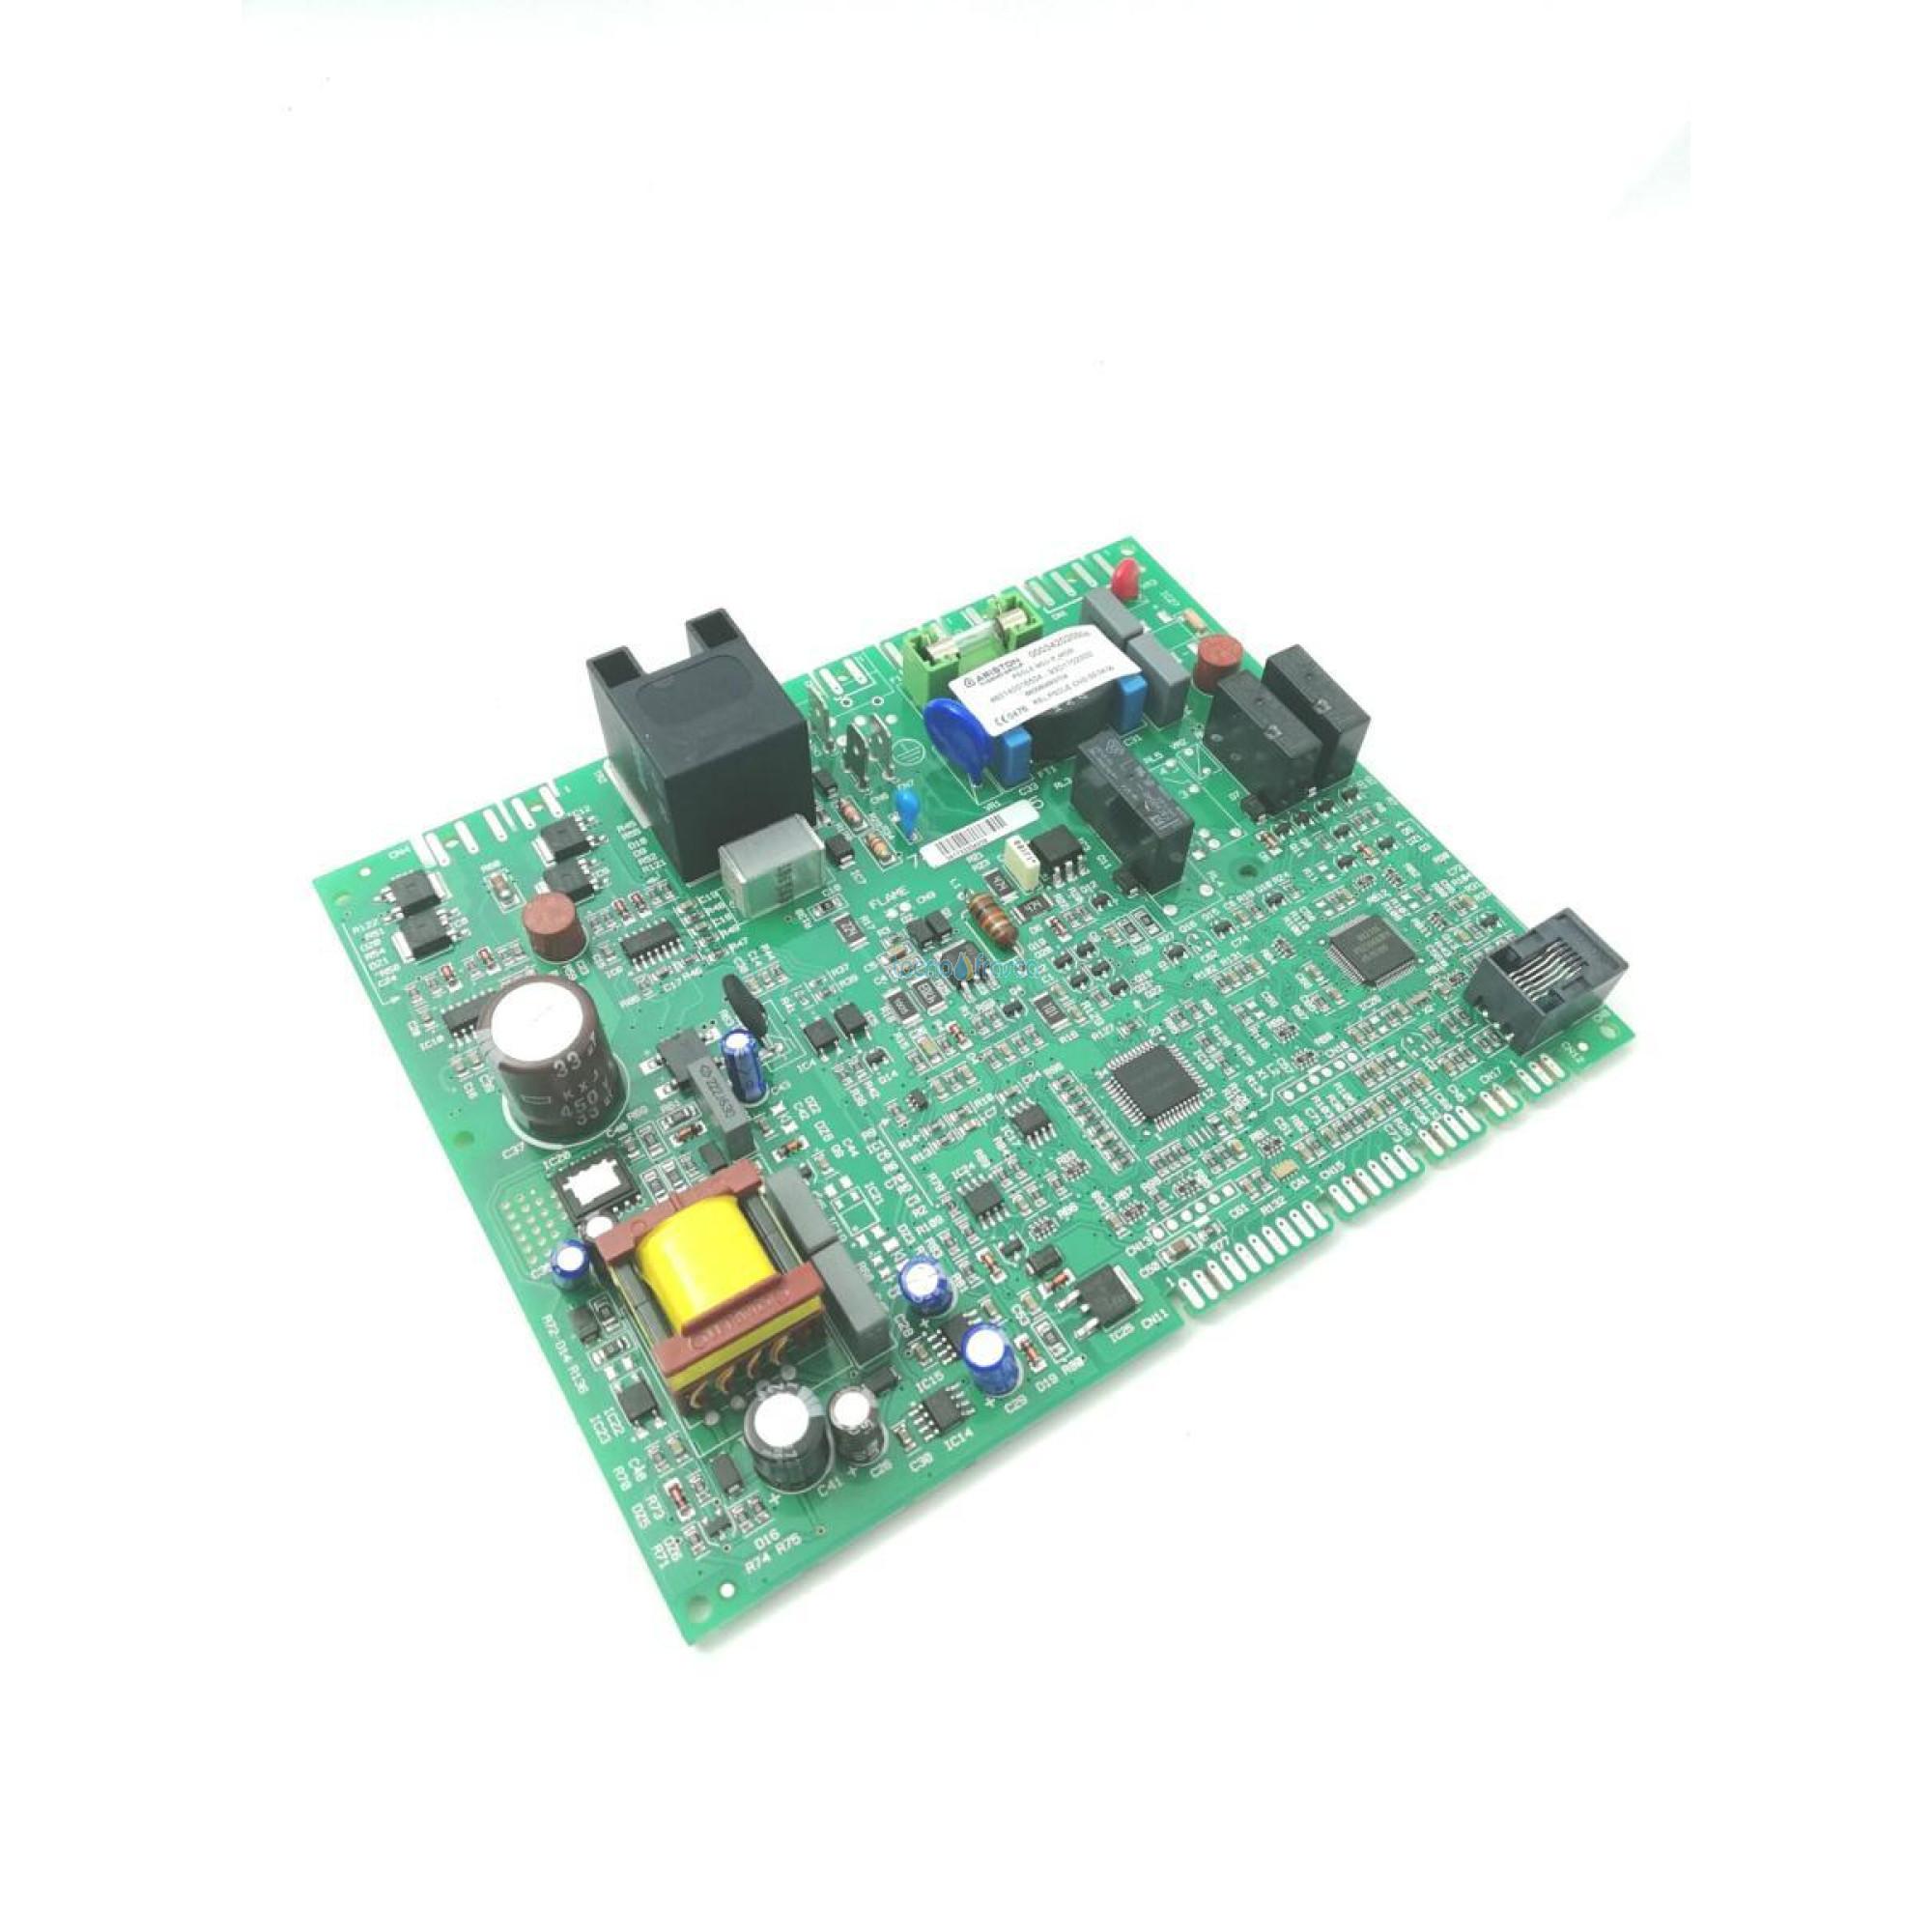 Chaffoteaux circuito stampato 60002508-01